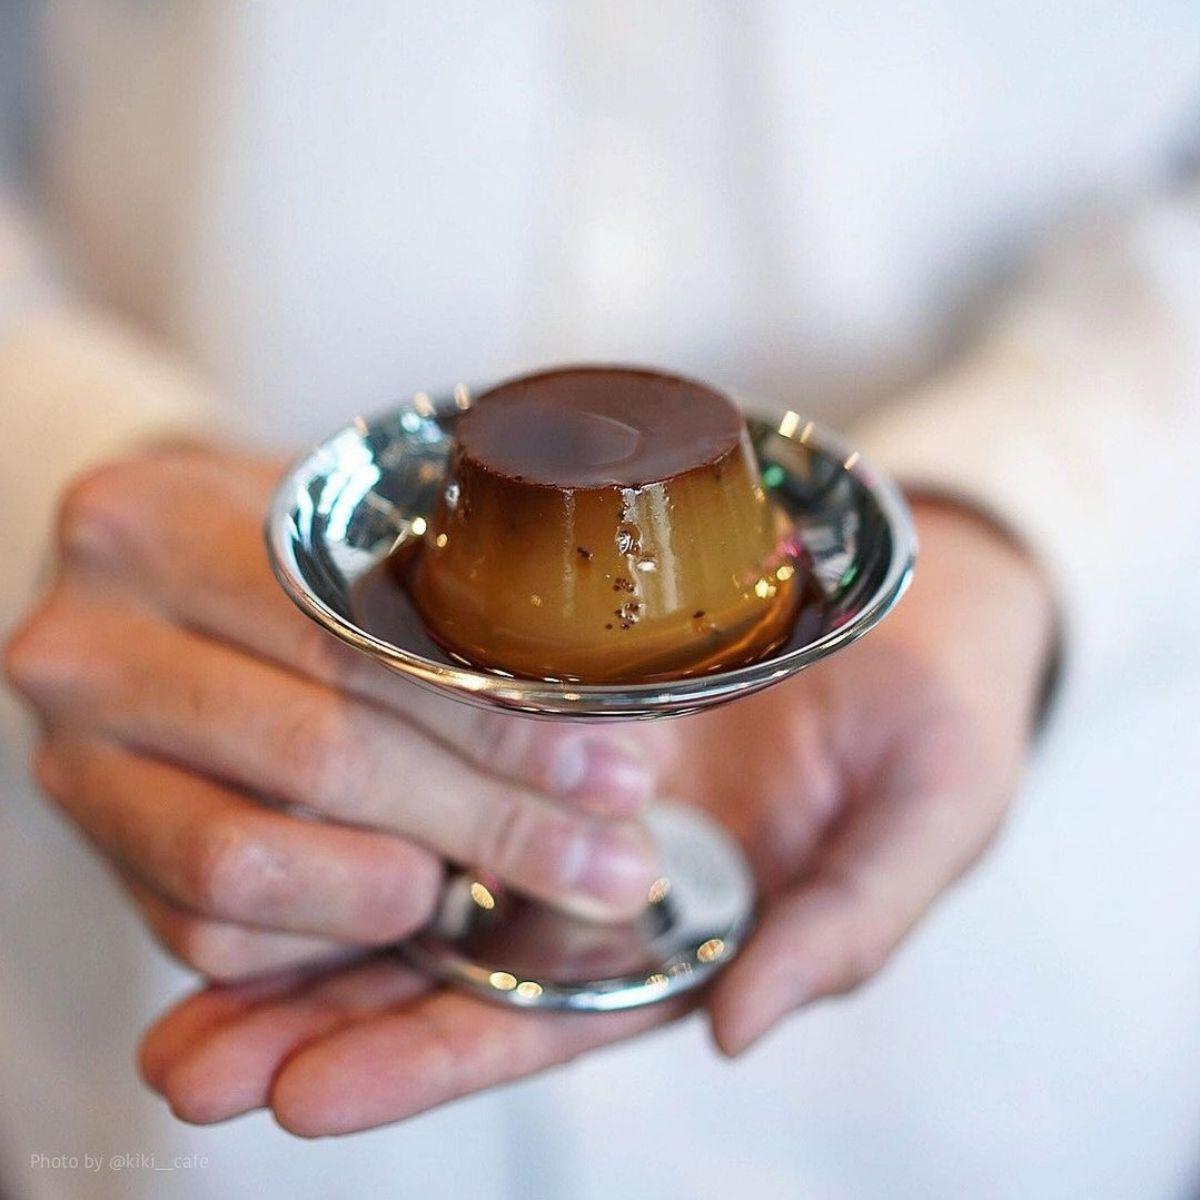 香り豊かな「固めプリン」が忘れられない♡コーヒー屋さんの作ったプリンが想像の何倍もおいしいと話題です